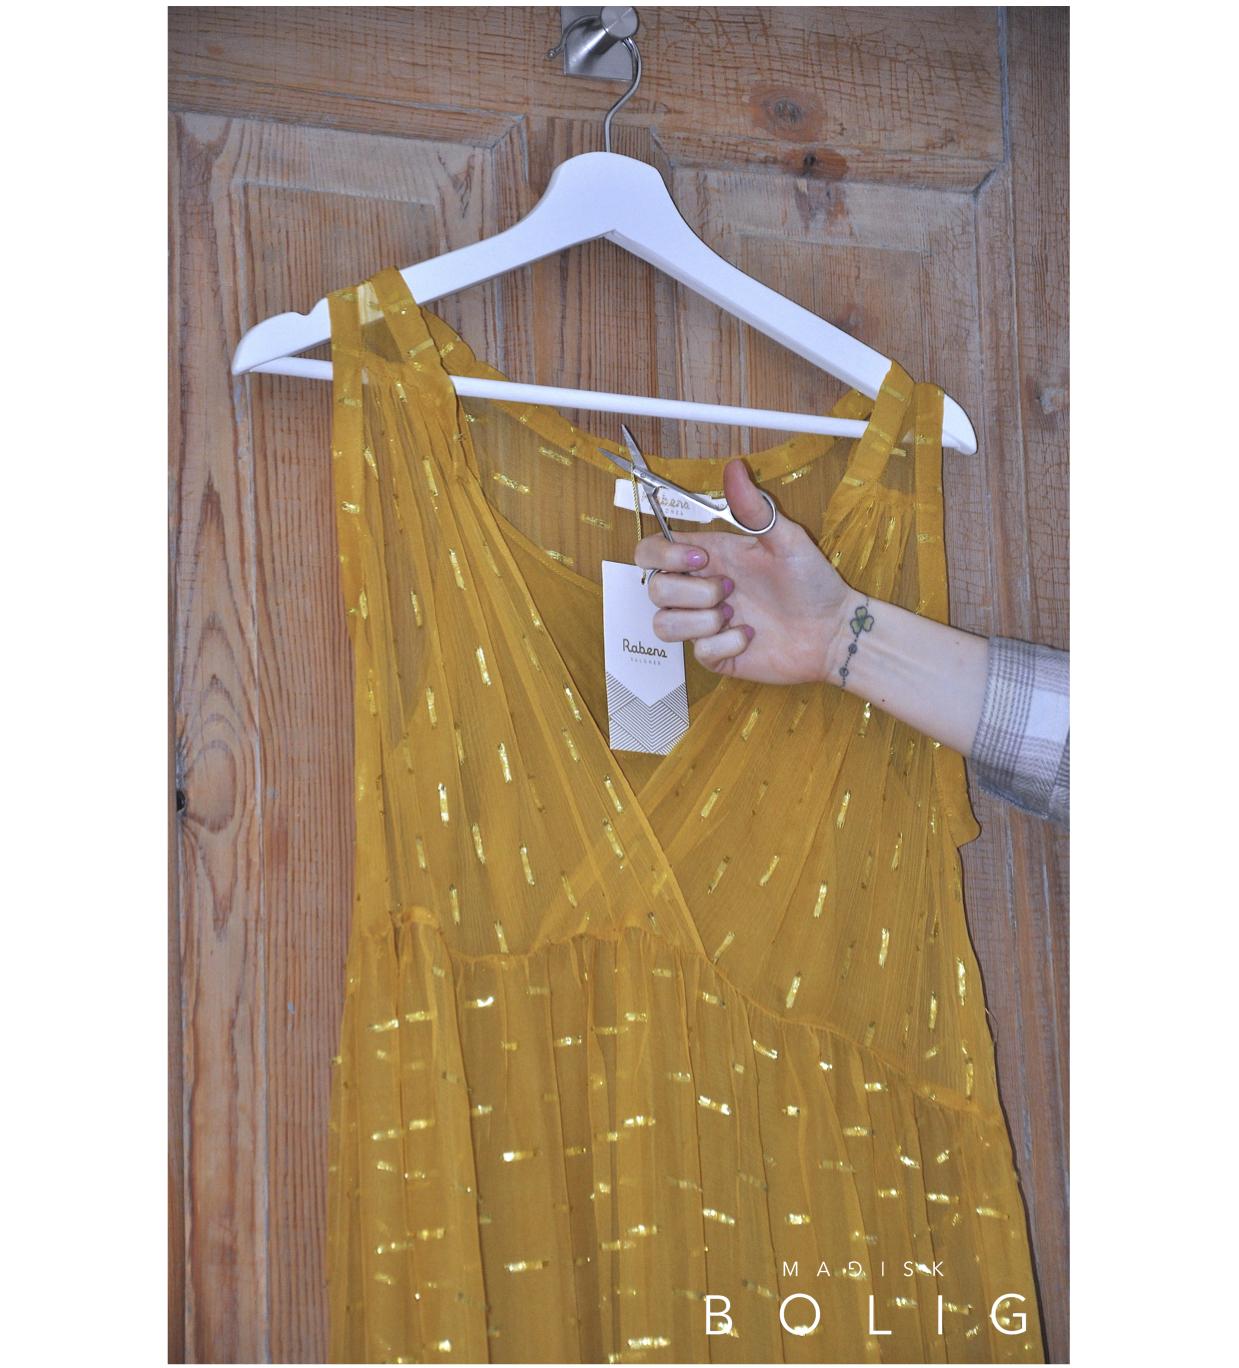 konmari marie kondo oprydning tøjmærker prismærke tag tags oprydning rabens saloner kjole dress golden kjole